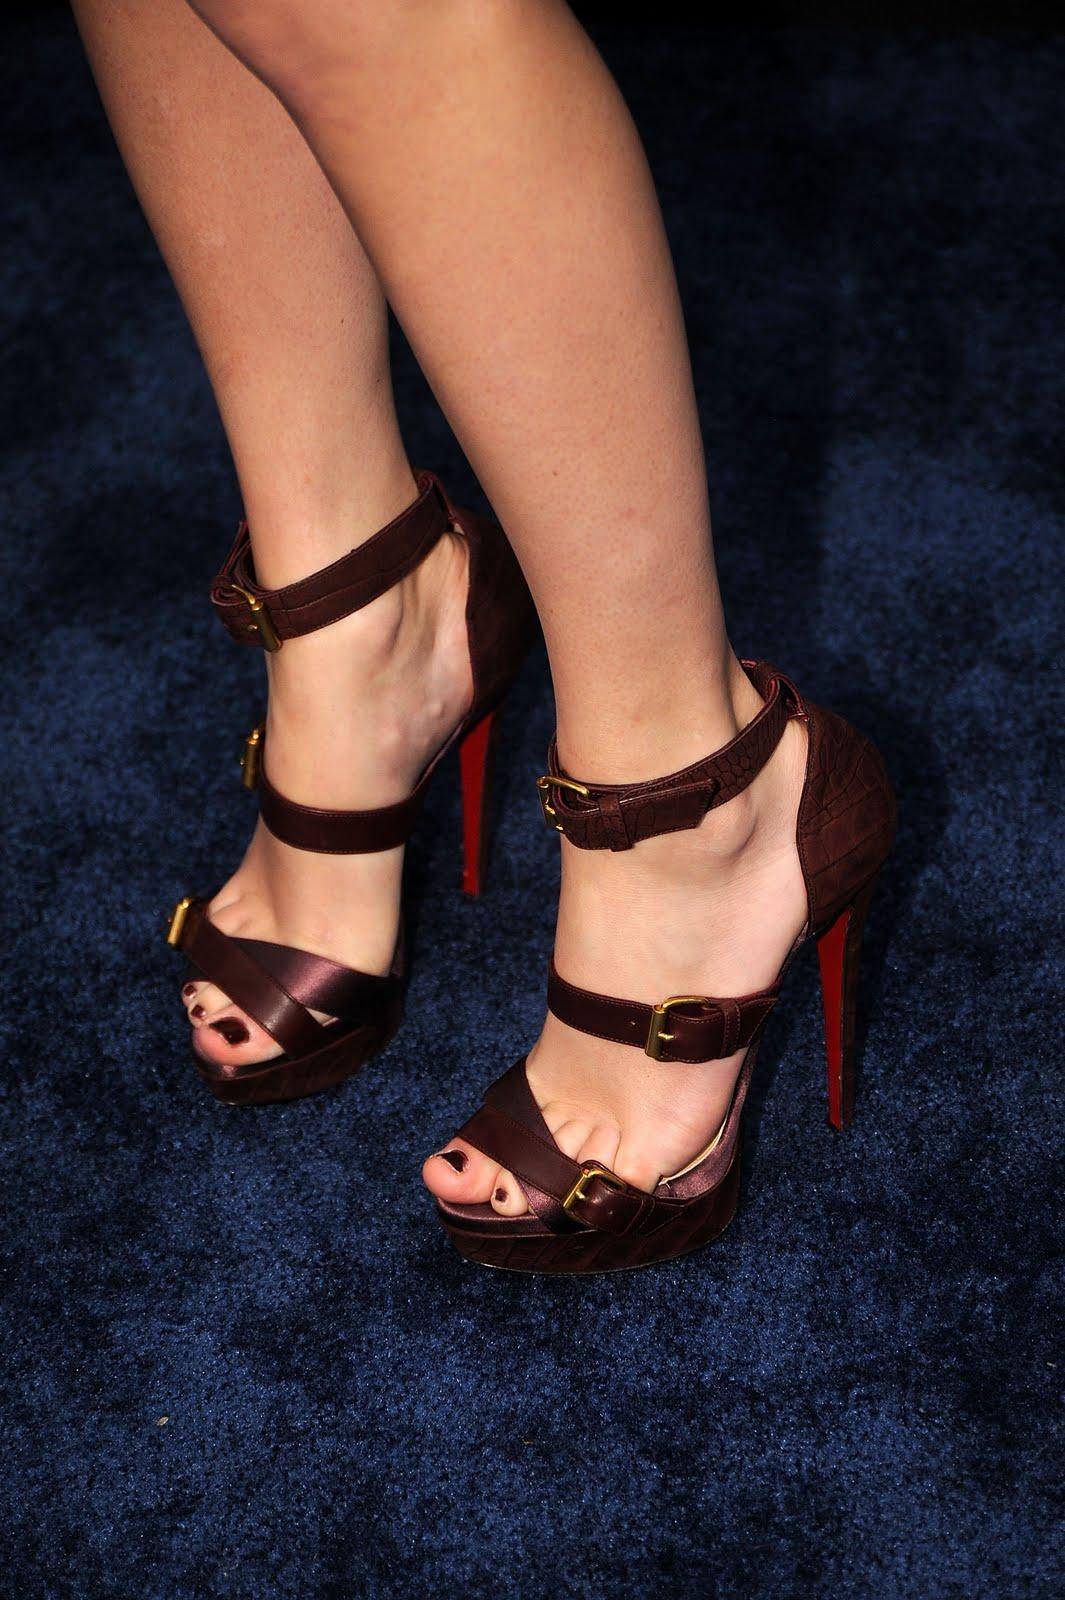 http://1.bp.blogspot.com/_bQ0SqifjNcg/TGXjmmq_kGI/AAAAAAAAa1I/oaIaOEl2F5o/s1600/taylor-swift-feet-2.jpg